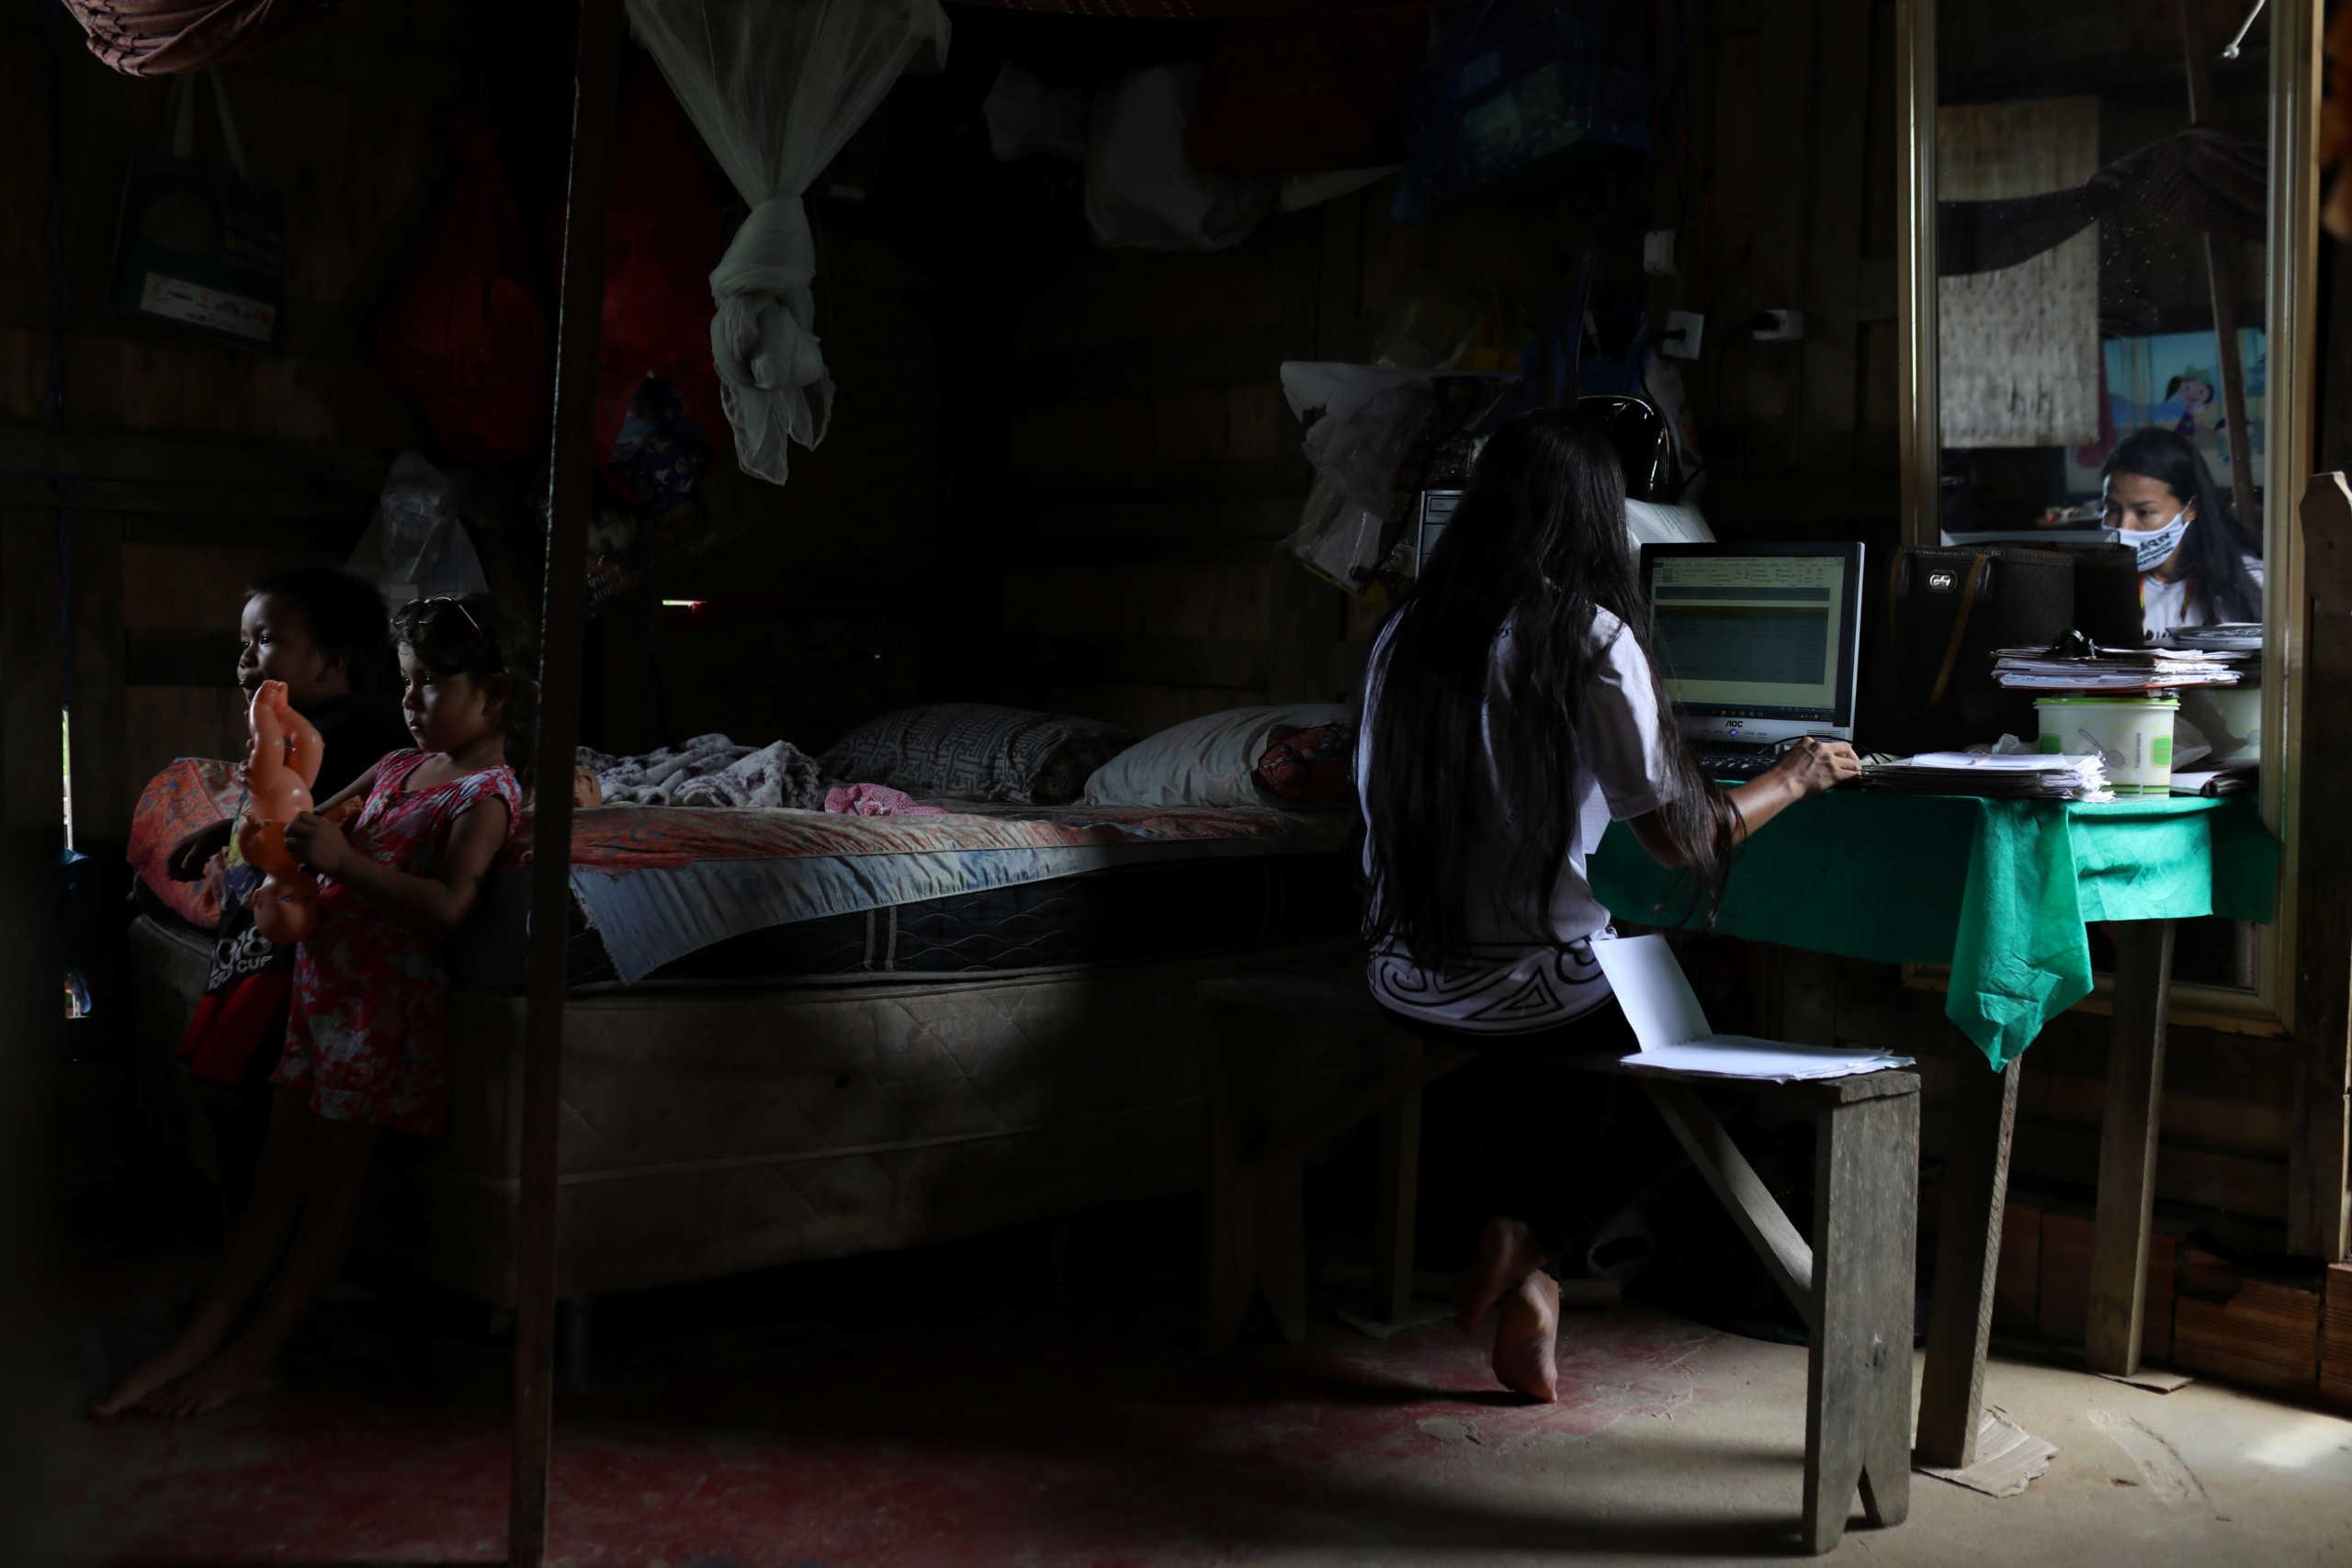 Πρωτοφανείς αρνητικές συνέπειες στις οικογένειες η τηλεργασία